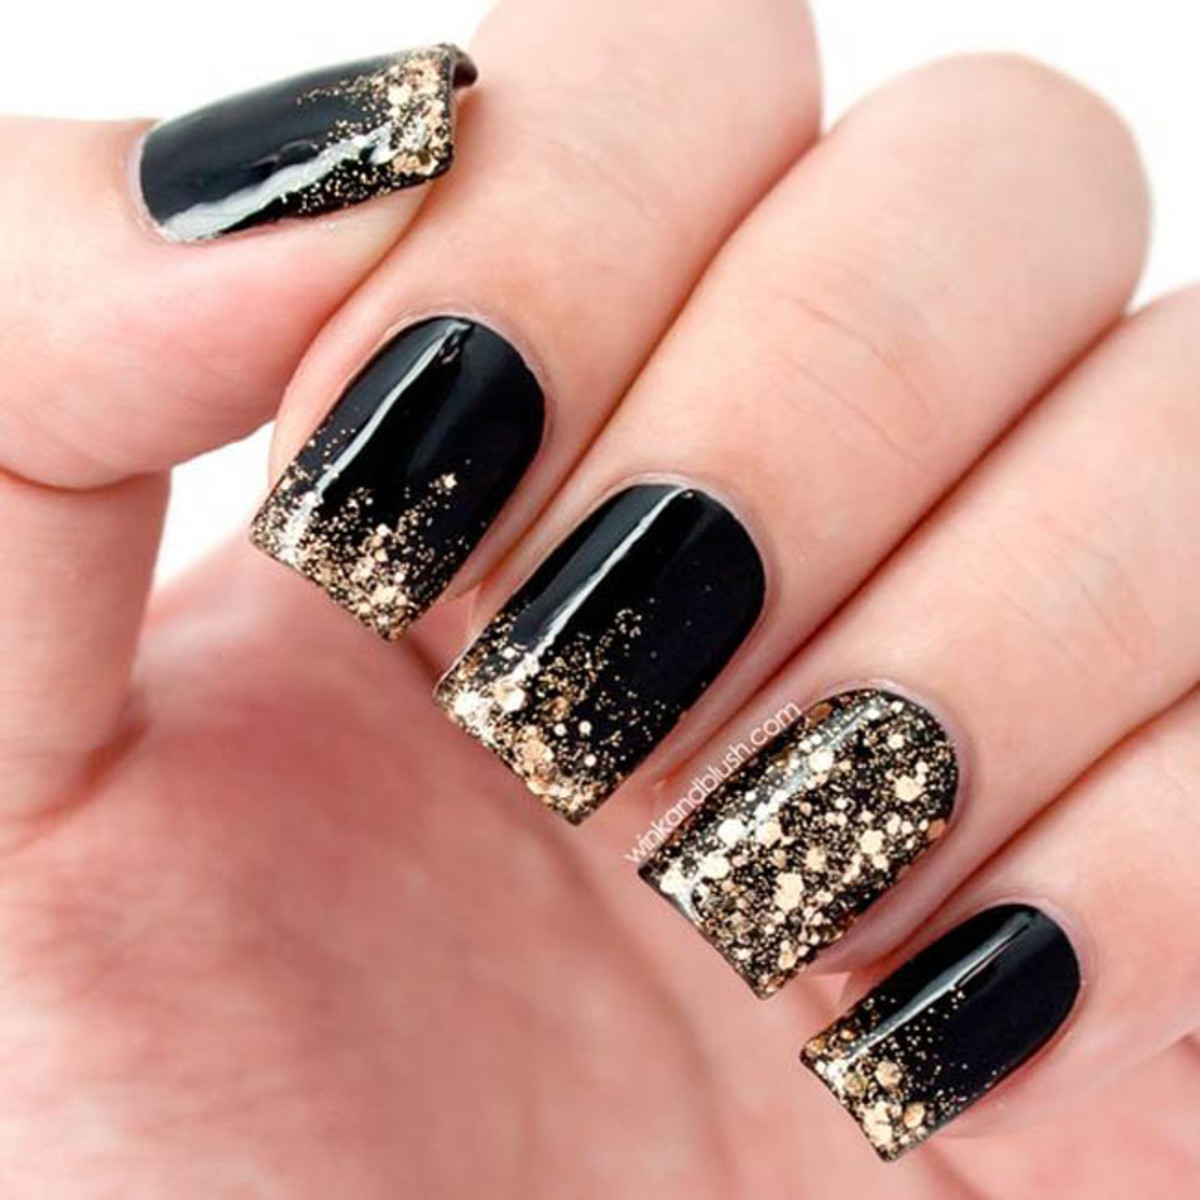 15-creative-black-nail-designs